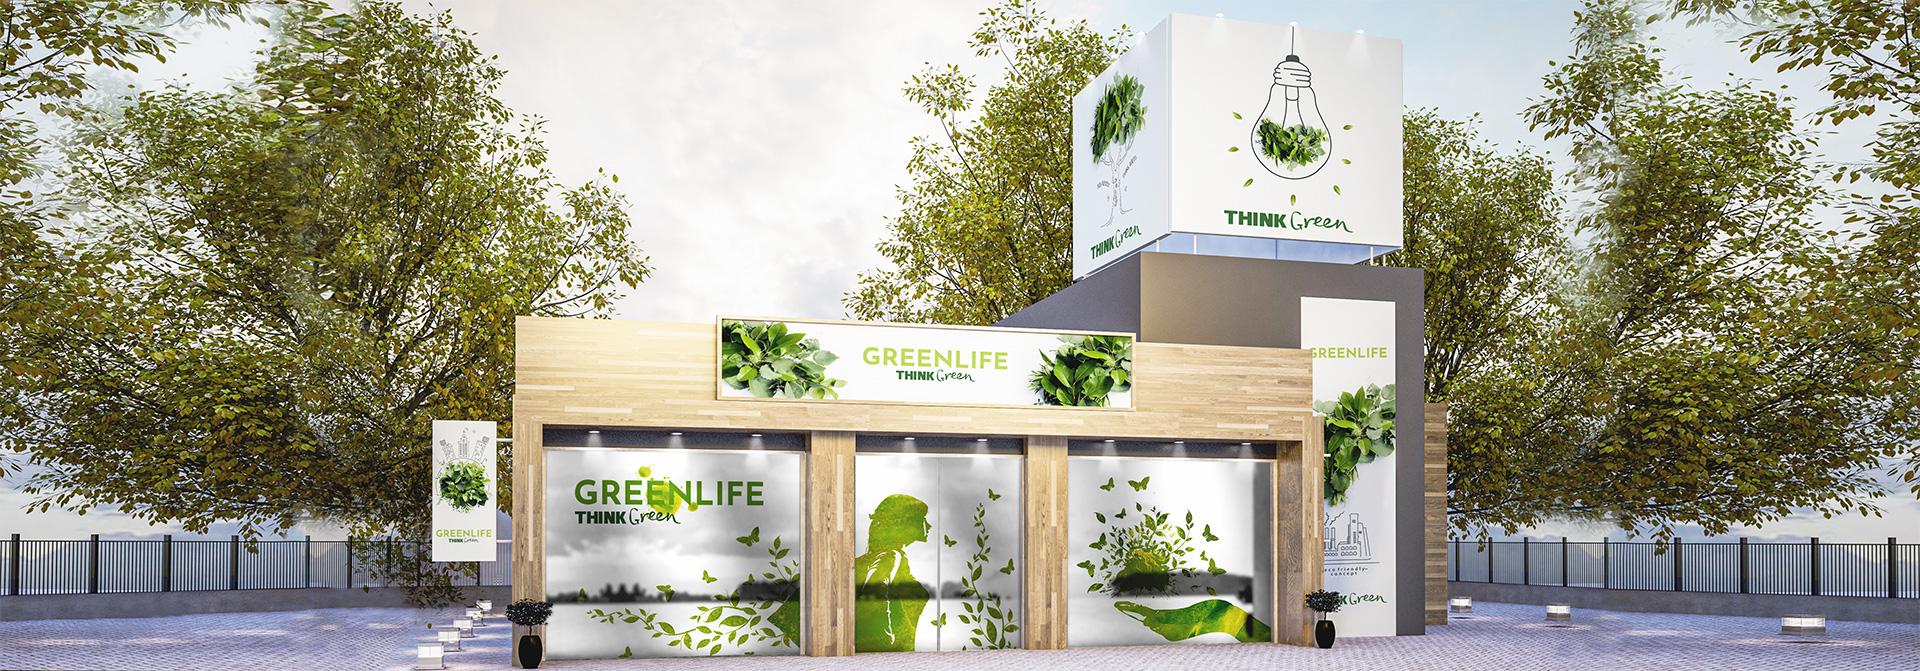 outdoor eco-friendly advertising idea